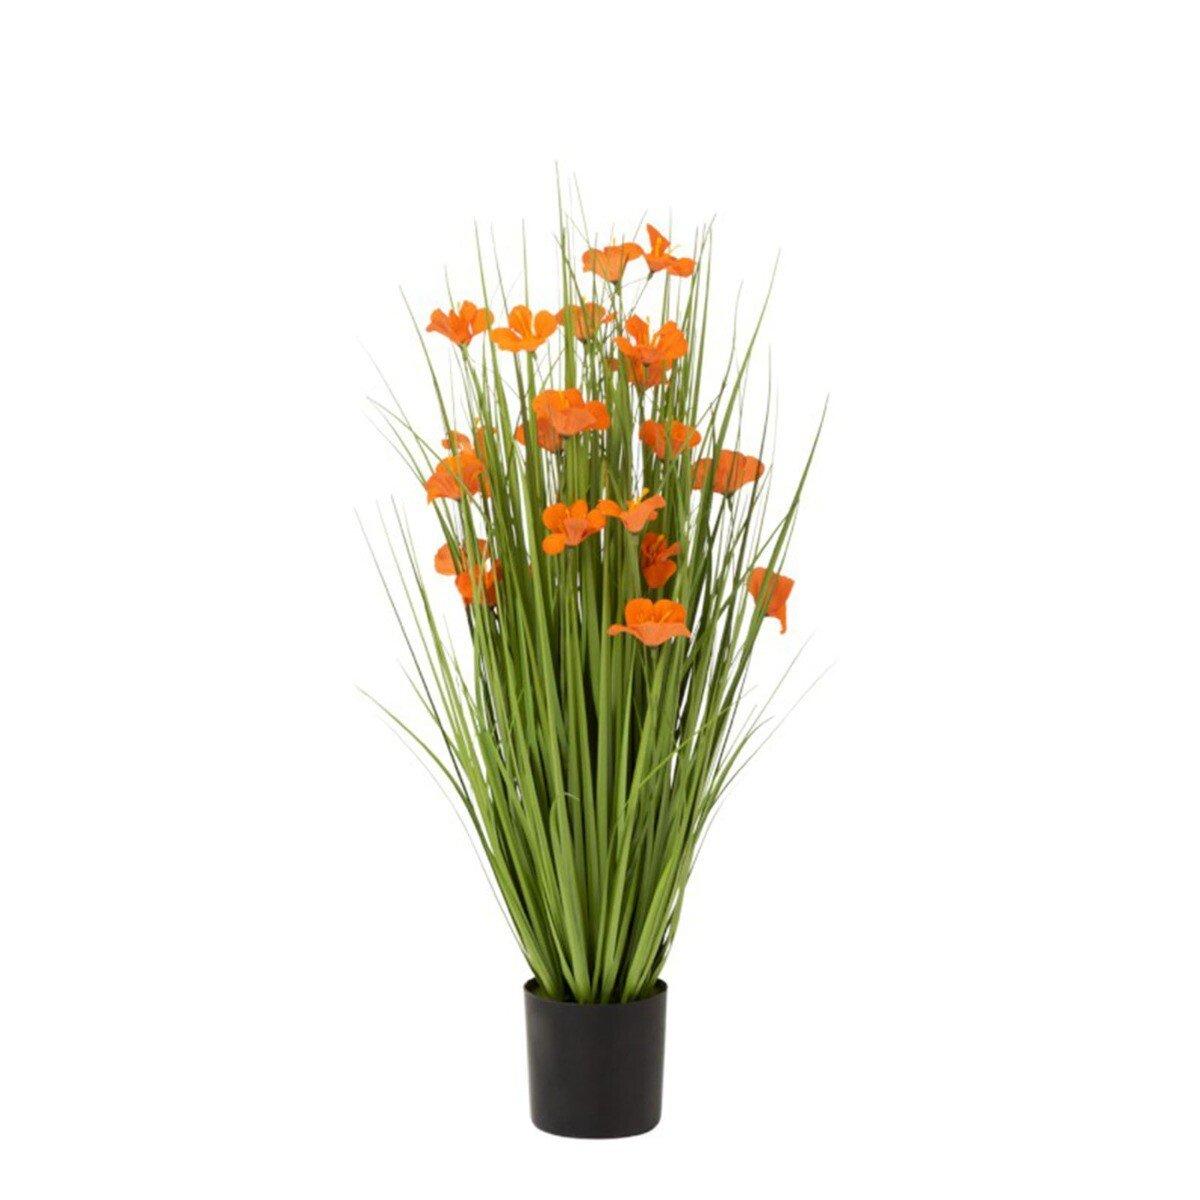 J-Line kunstplant gras en bloemen oranje s 80 x 35 x 35